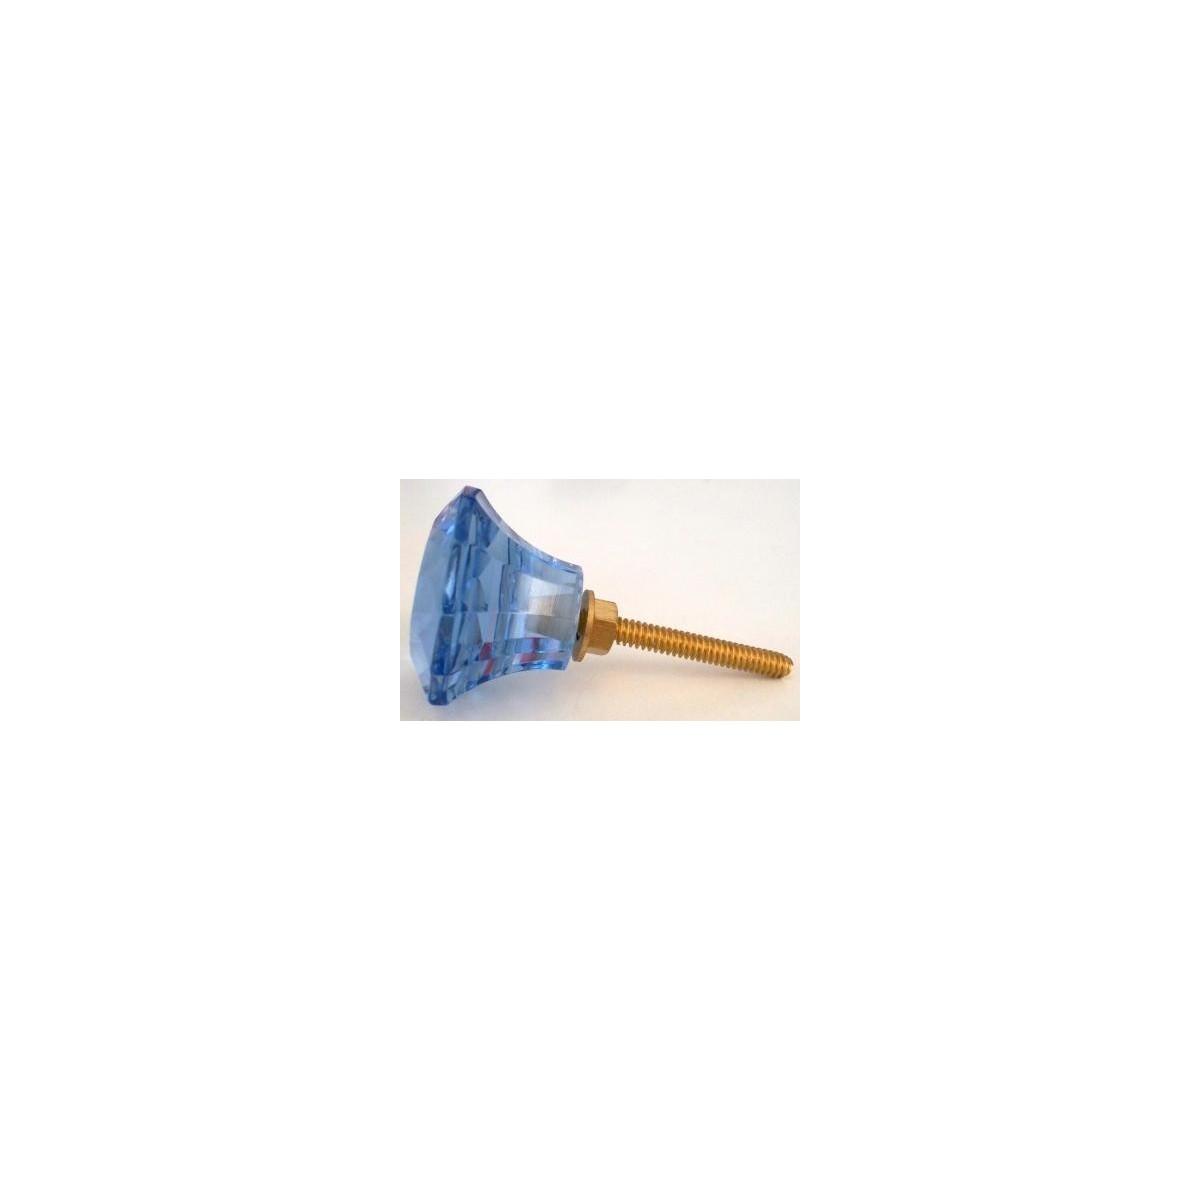 Bouton de meuble cabochon verre bleu bord de mer 3 90 gl2 - Meuble bord de mer ...